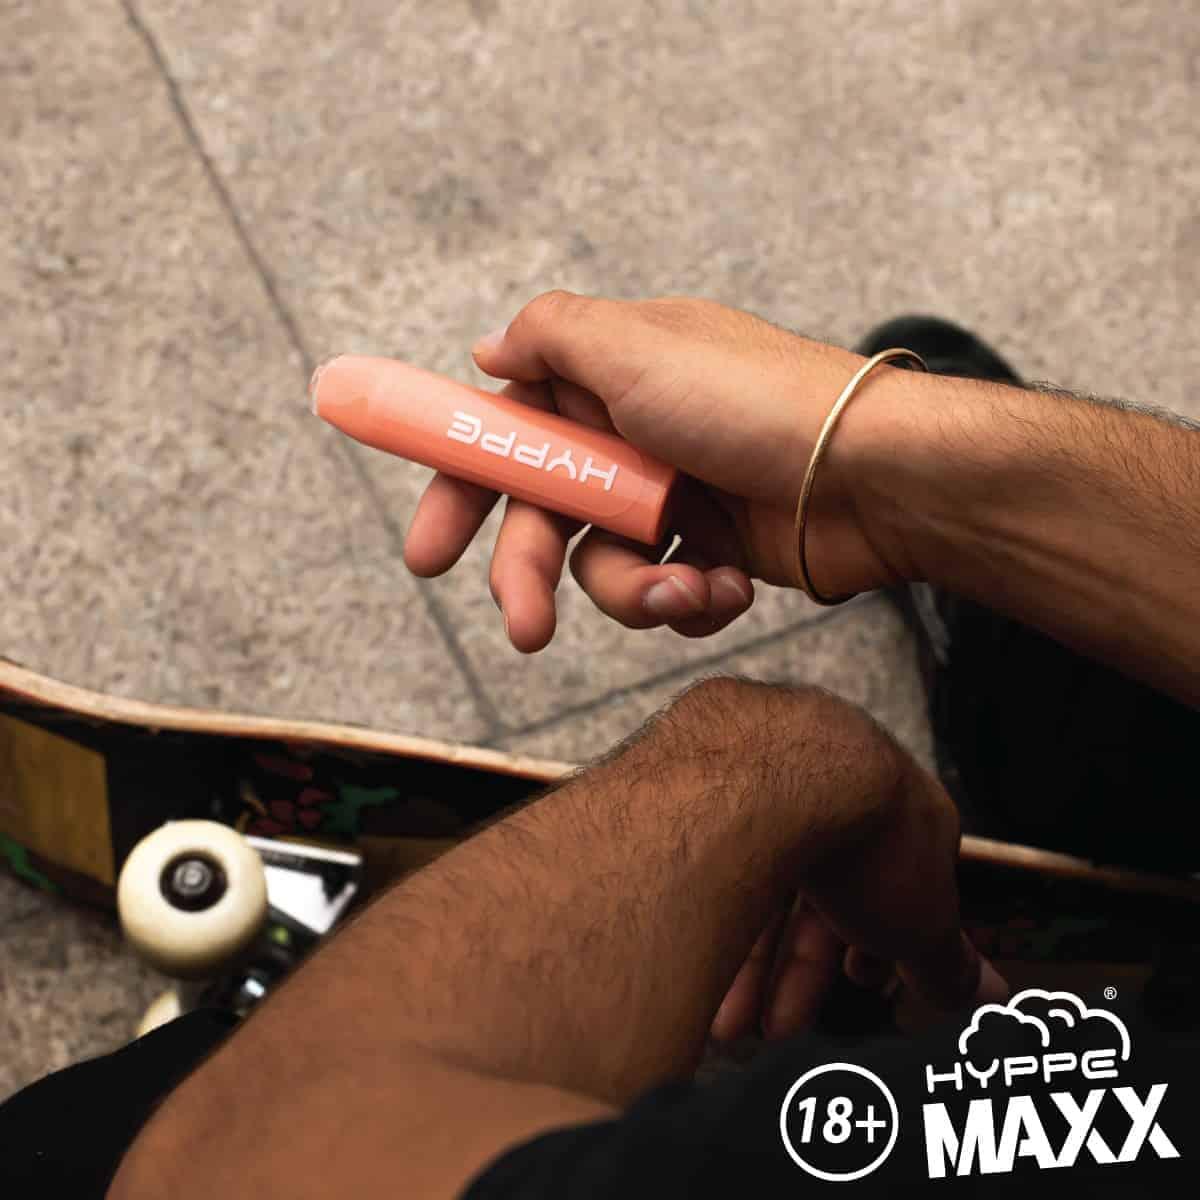 Hyppe Maxx peach ice Disposable vape